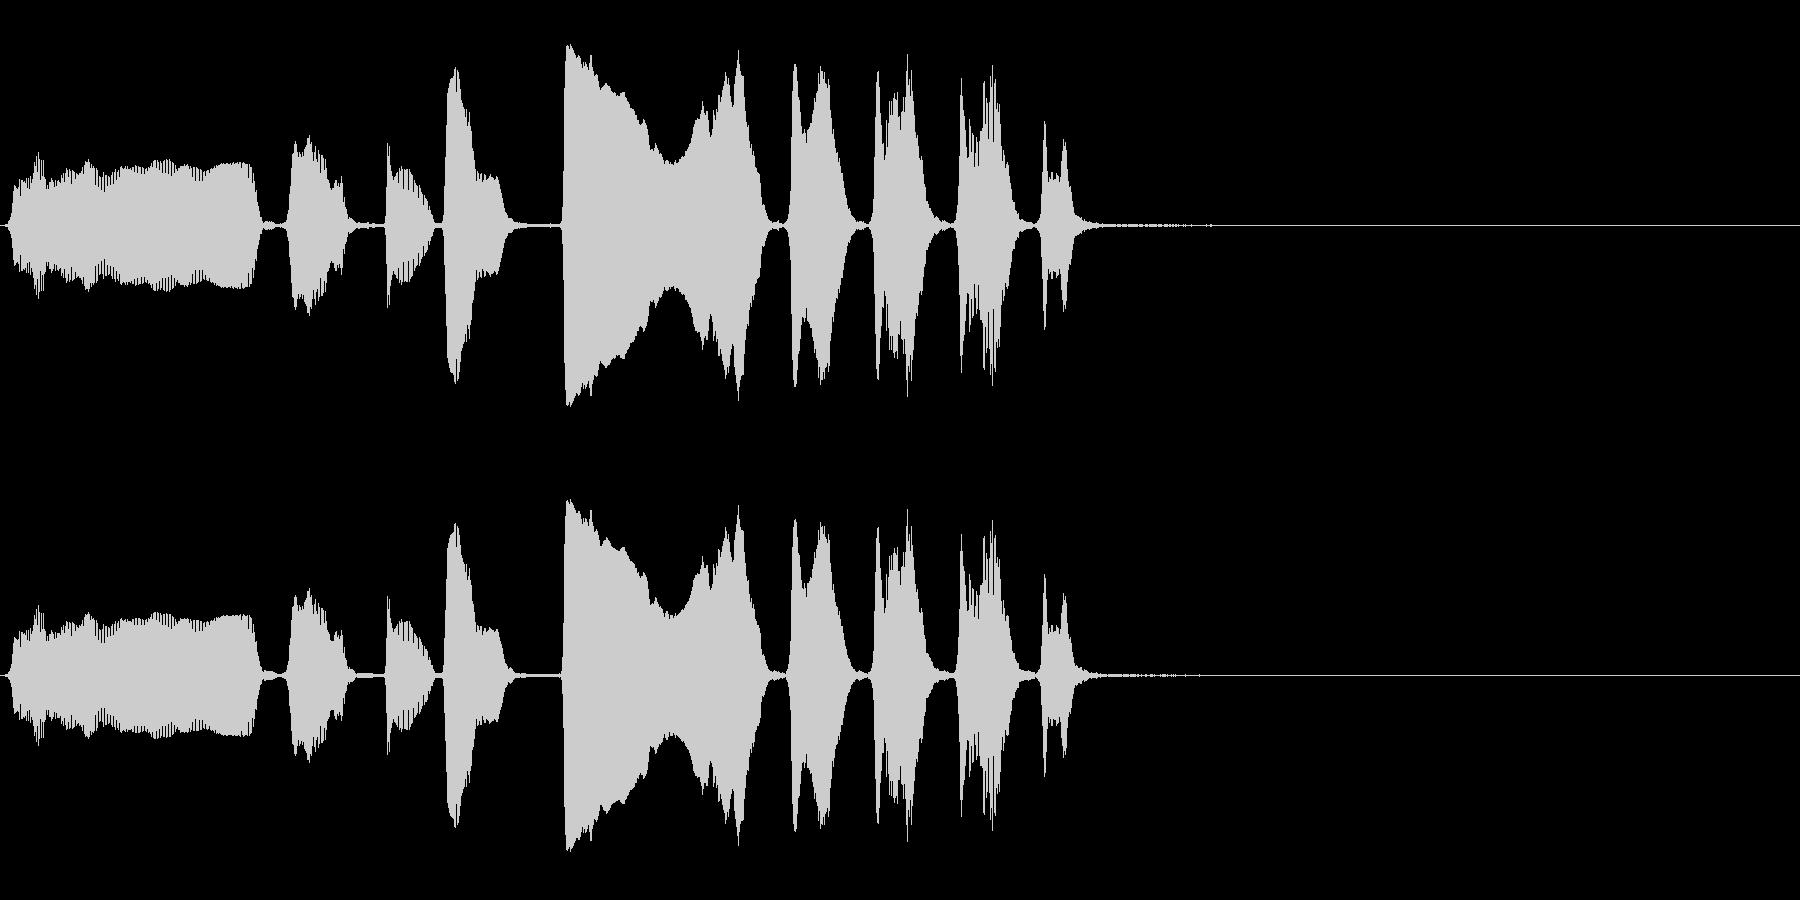 バリトンサックス:面白い高アクセン...の未再生の波形